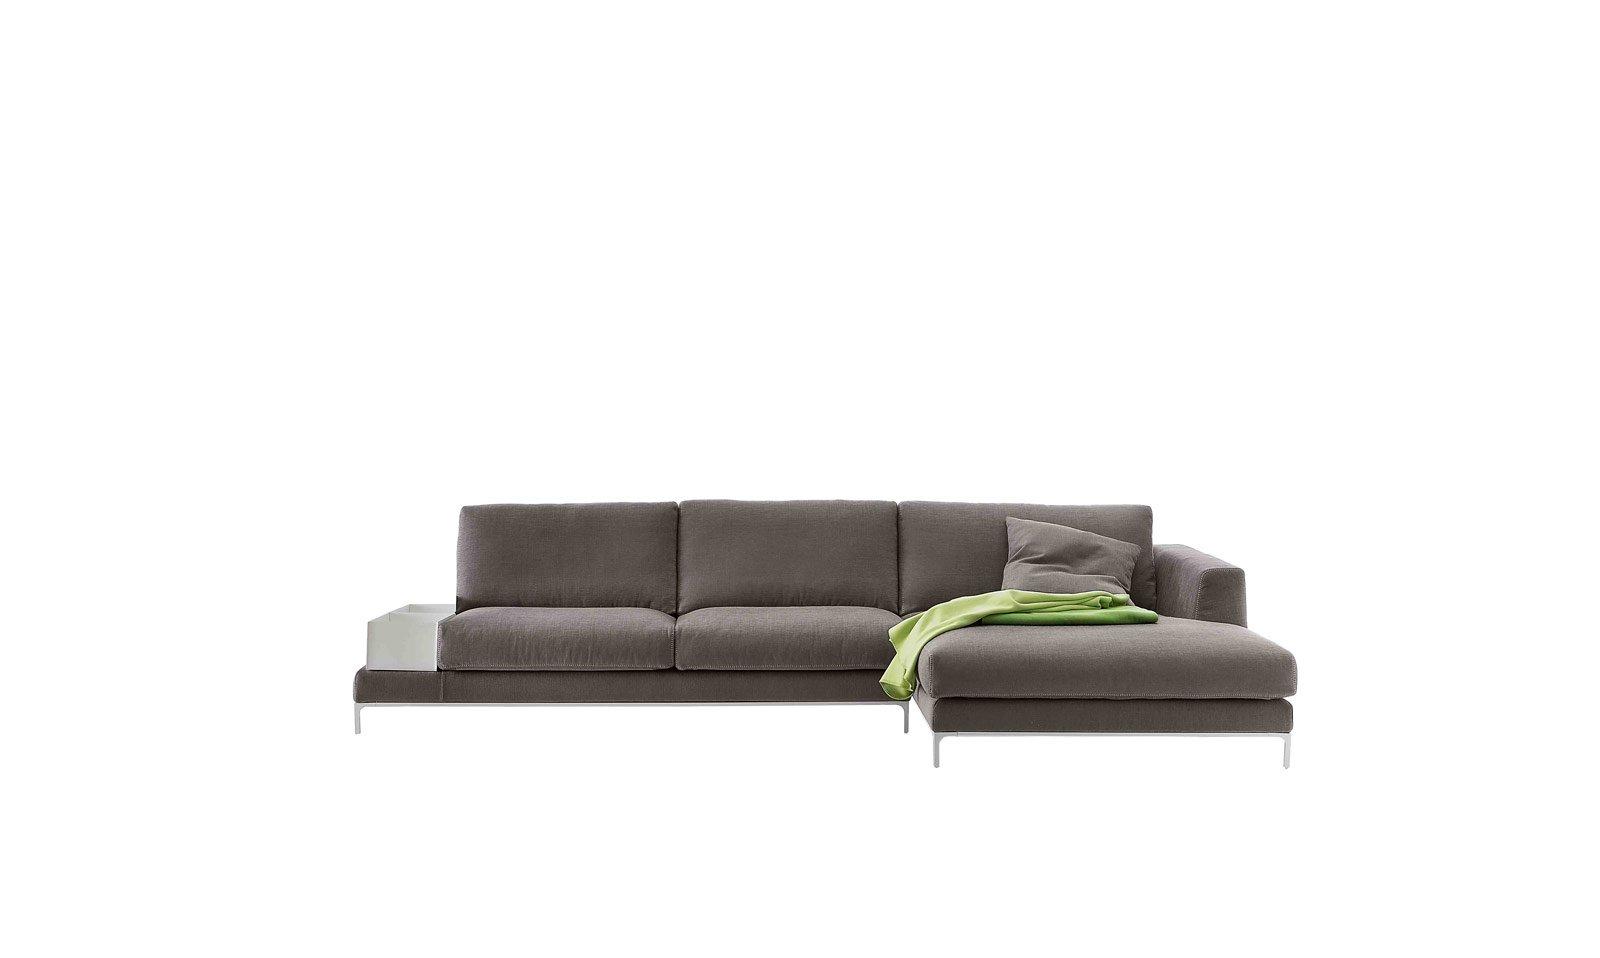 Soggiorno: tre soluzioni per il divano - Cose di Casa